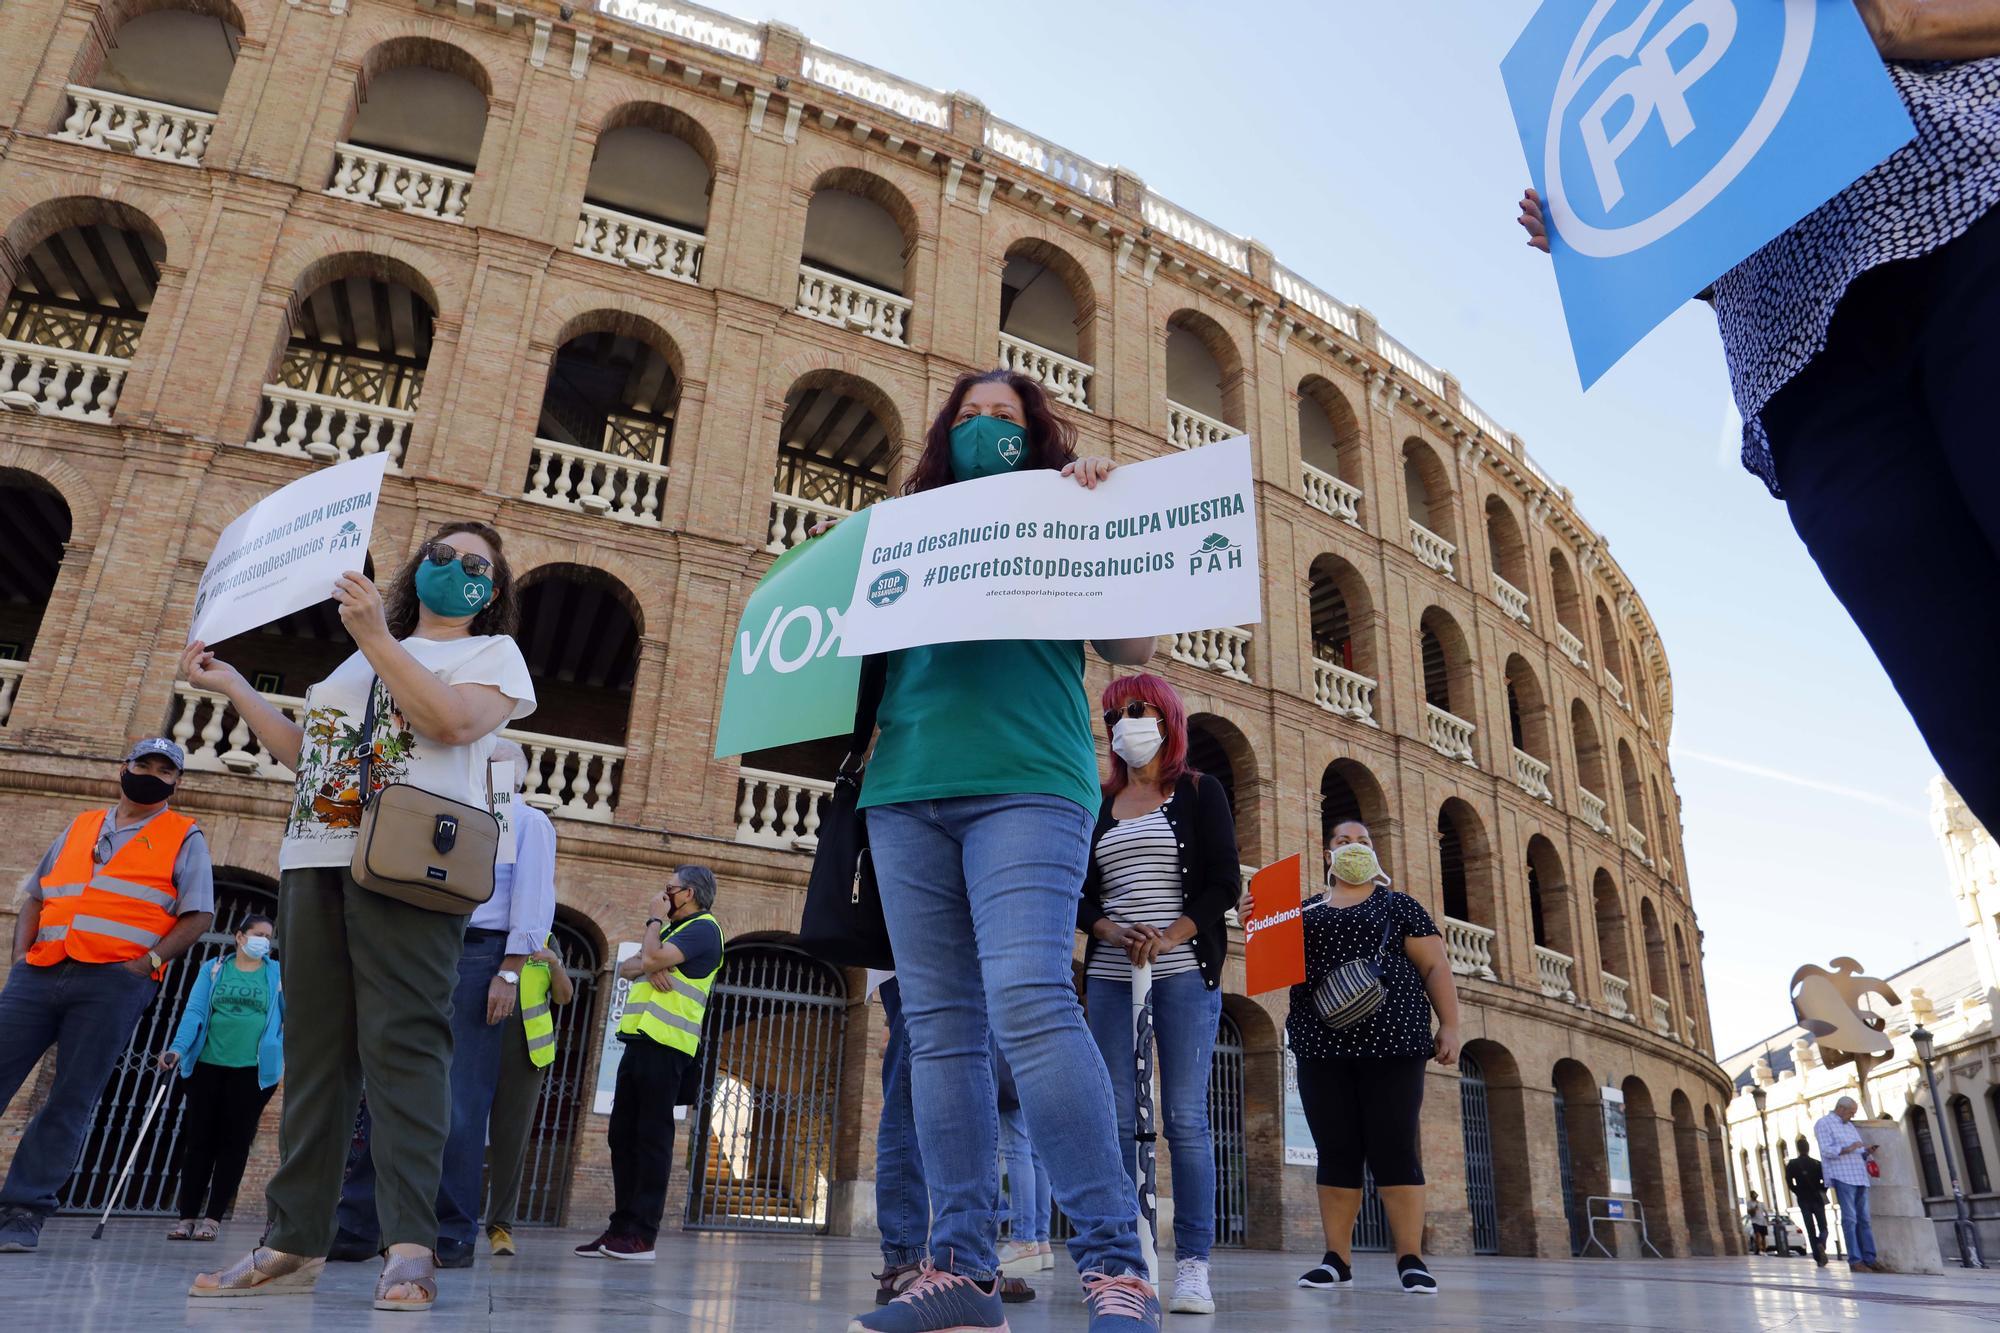 Protesta contra los desahucios en la Plaza de Toros de València